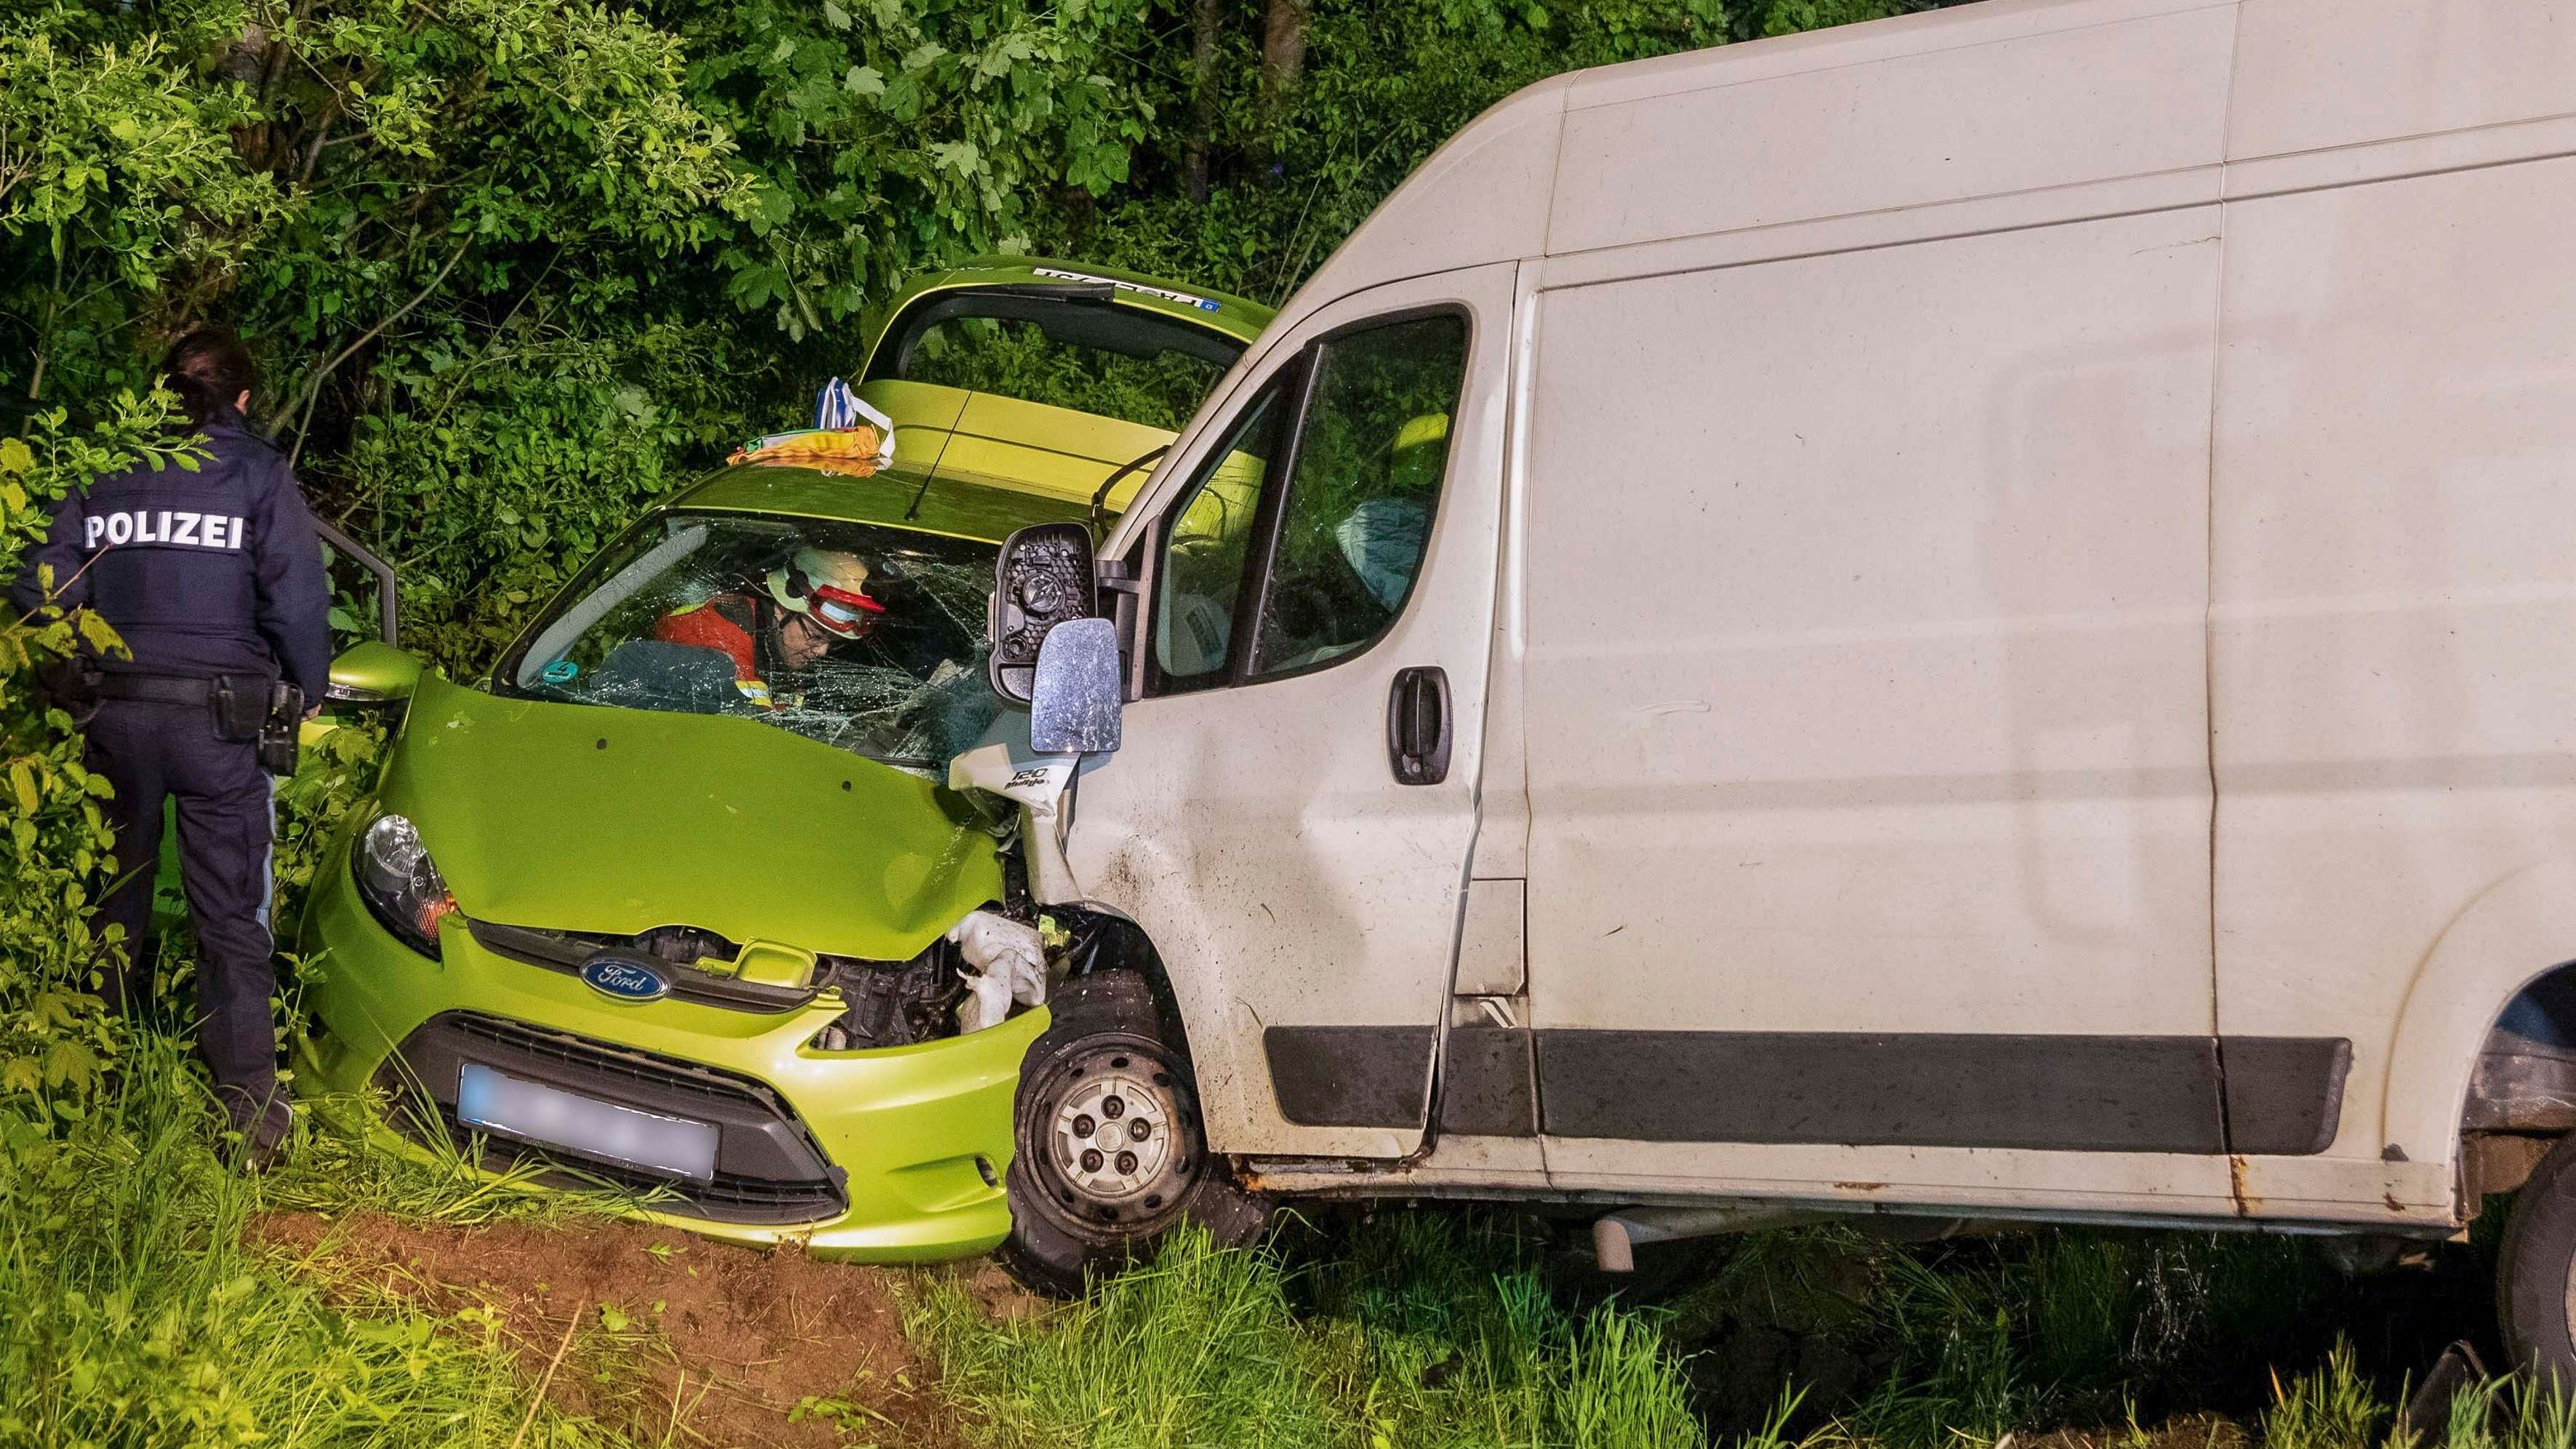 Trotz des Ausweichmanövers kam es zum Zusammenstoß der beiden Fahrzeuge.